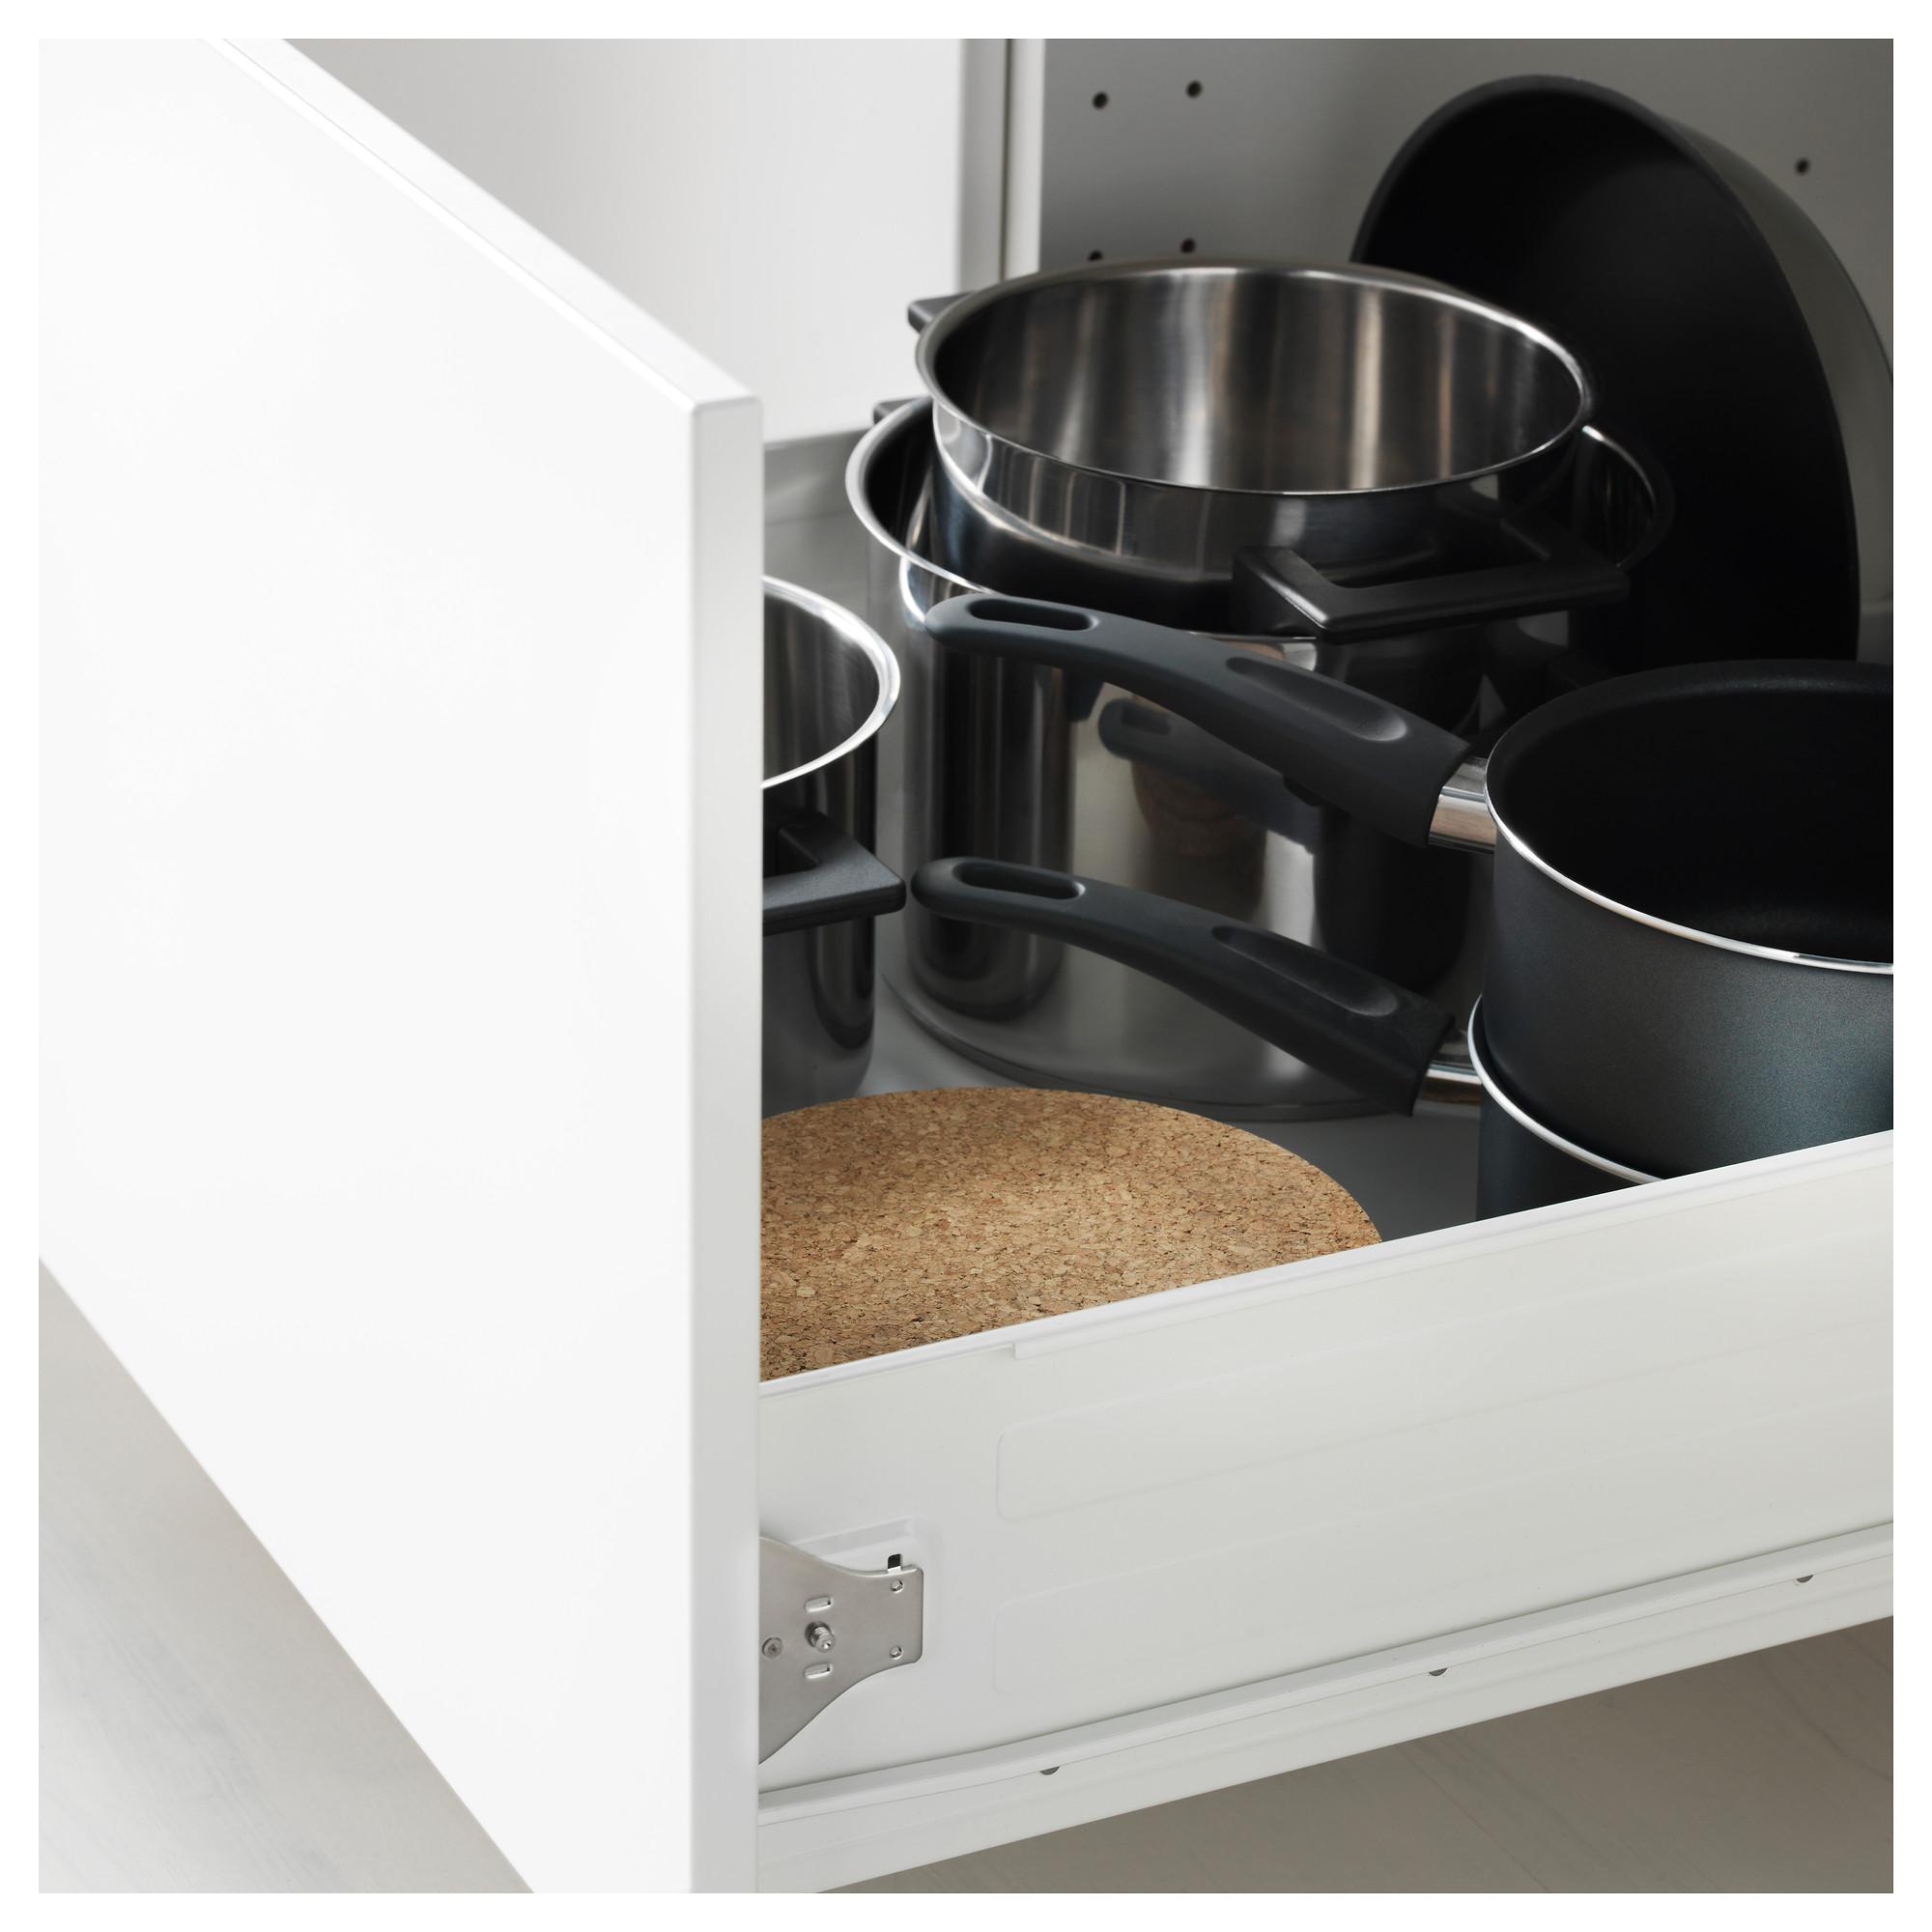 Высокий шкаф для духовки, дверца, 4 ящика МЕТОД / ФОРВАРА черный артикуль № 192.674.38 в наличии. Интернет магазин IKEA Республика Беларусь. Недорогая доставка и монтаж.